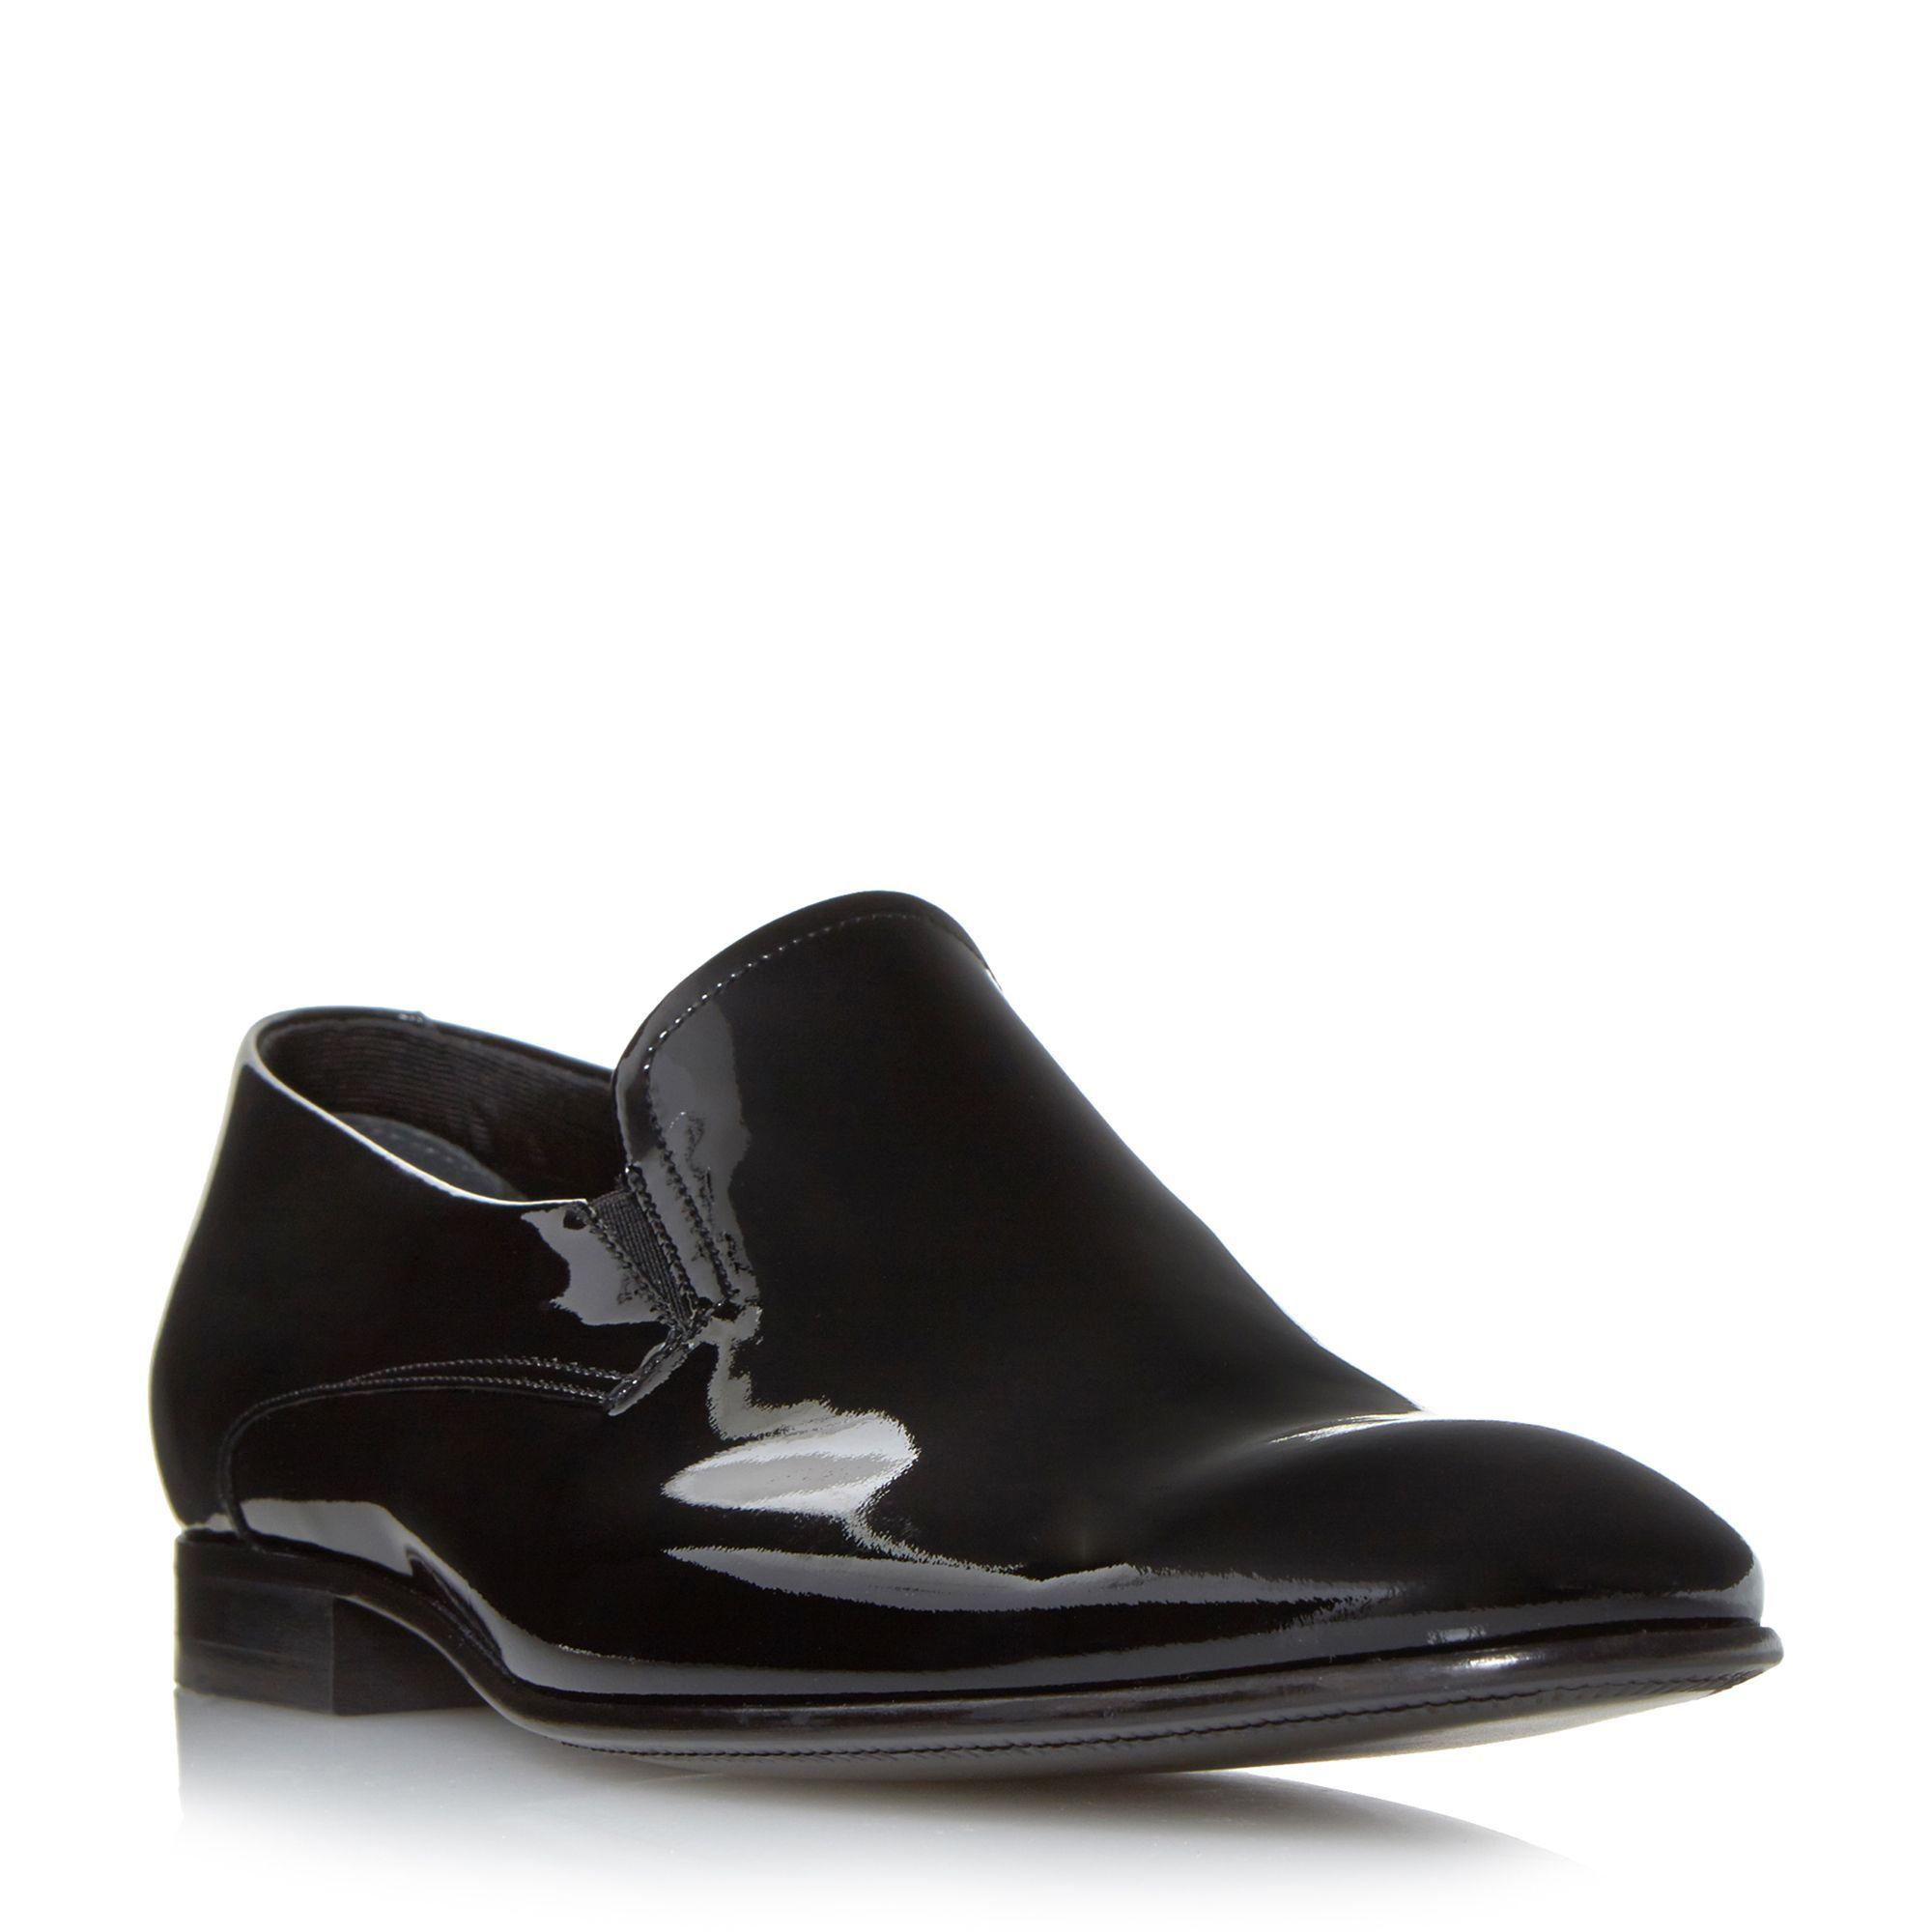 Hugo Boss Eveslip formal slip on shoes